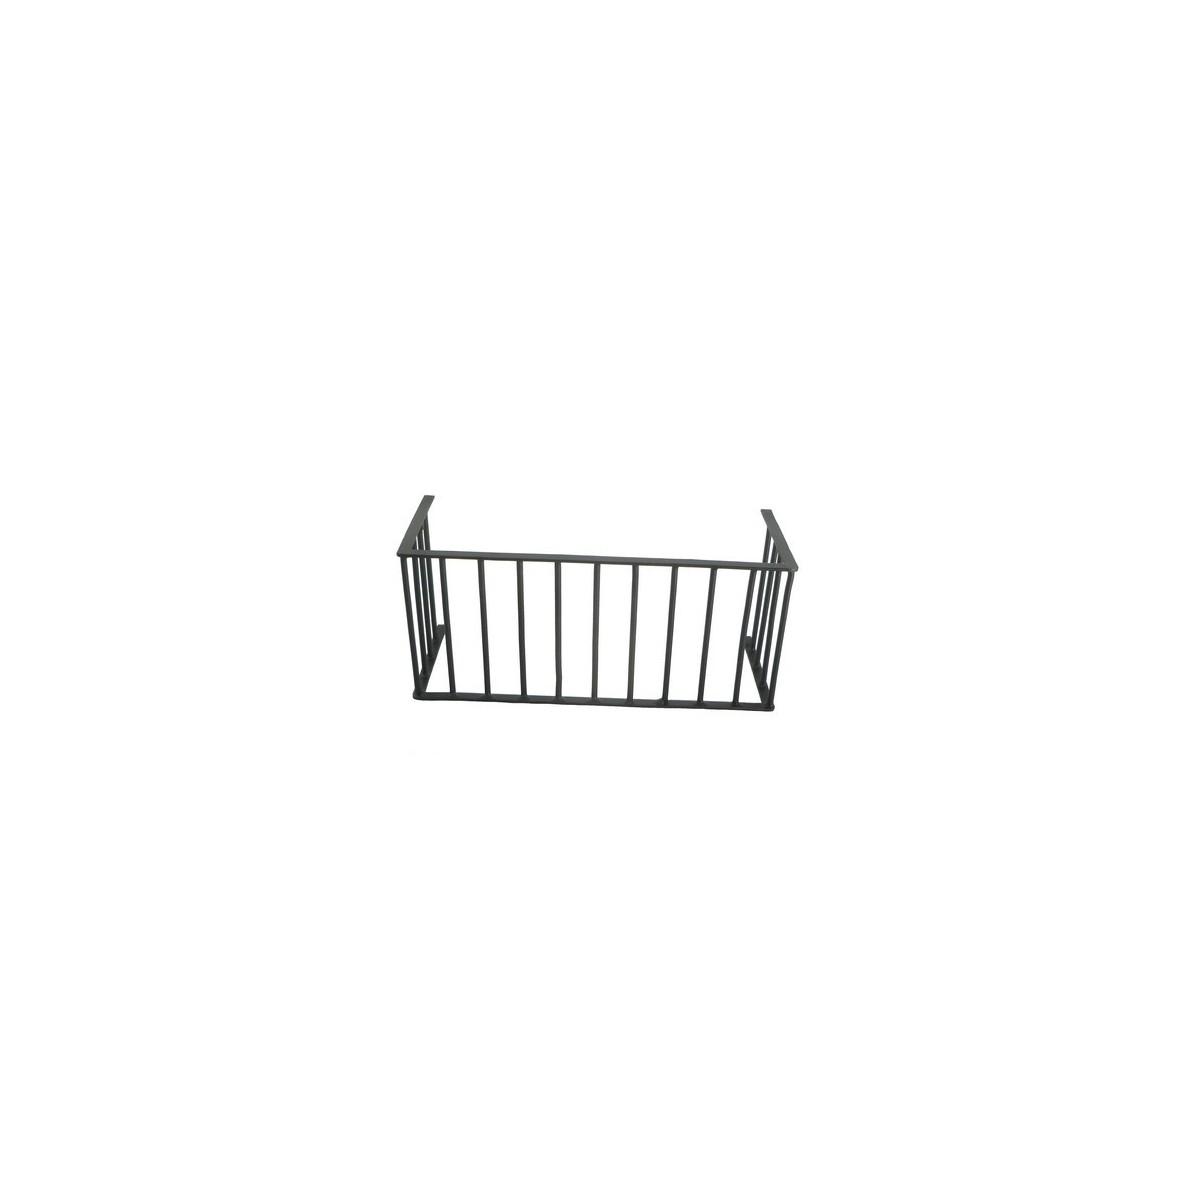 Ringhiere In Ferro Usate ringhiera balcone cm 13,5x6 mondo presepi